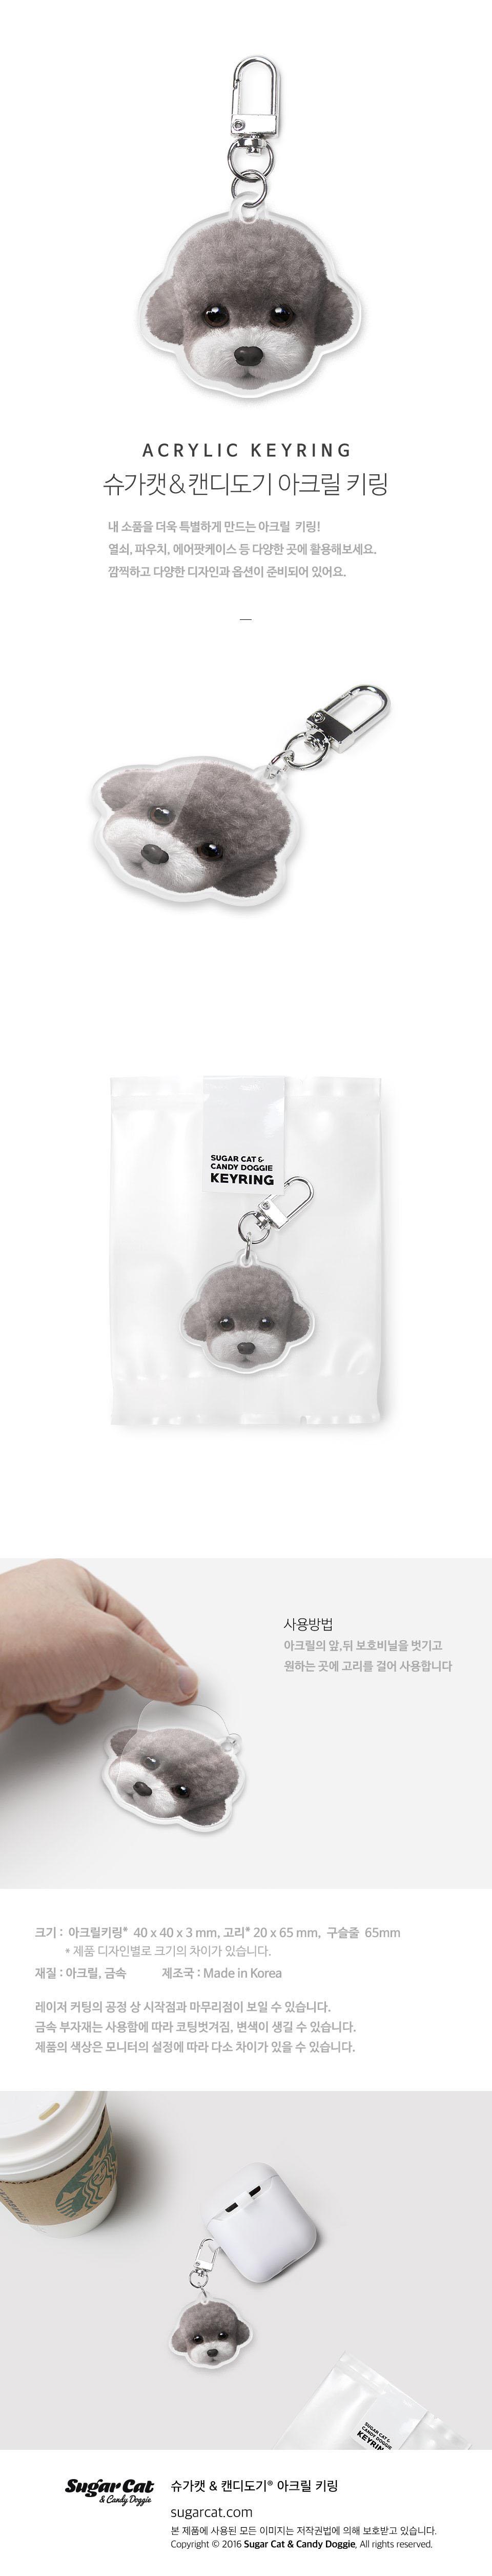 회색푸들 얼그레이 얼굴 아크릴키링 - 슈가캣 캔디도기, 10,000원, 열쇠고리/키커버, 디자인키홀더